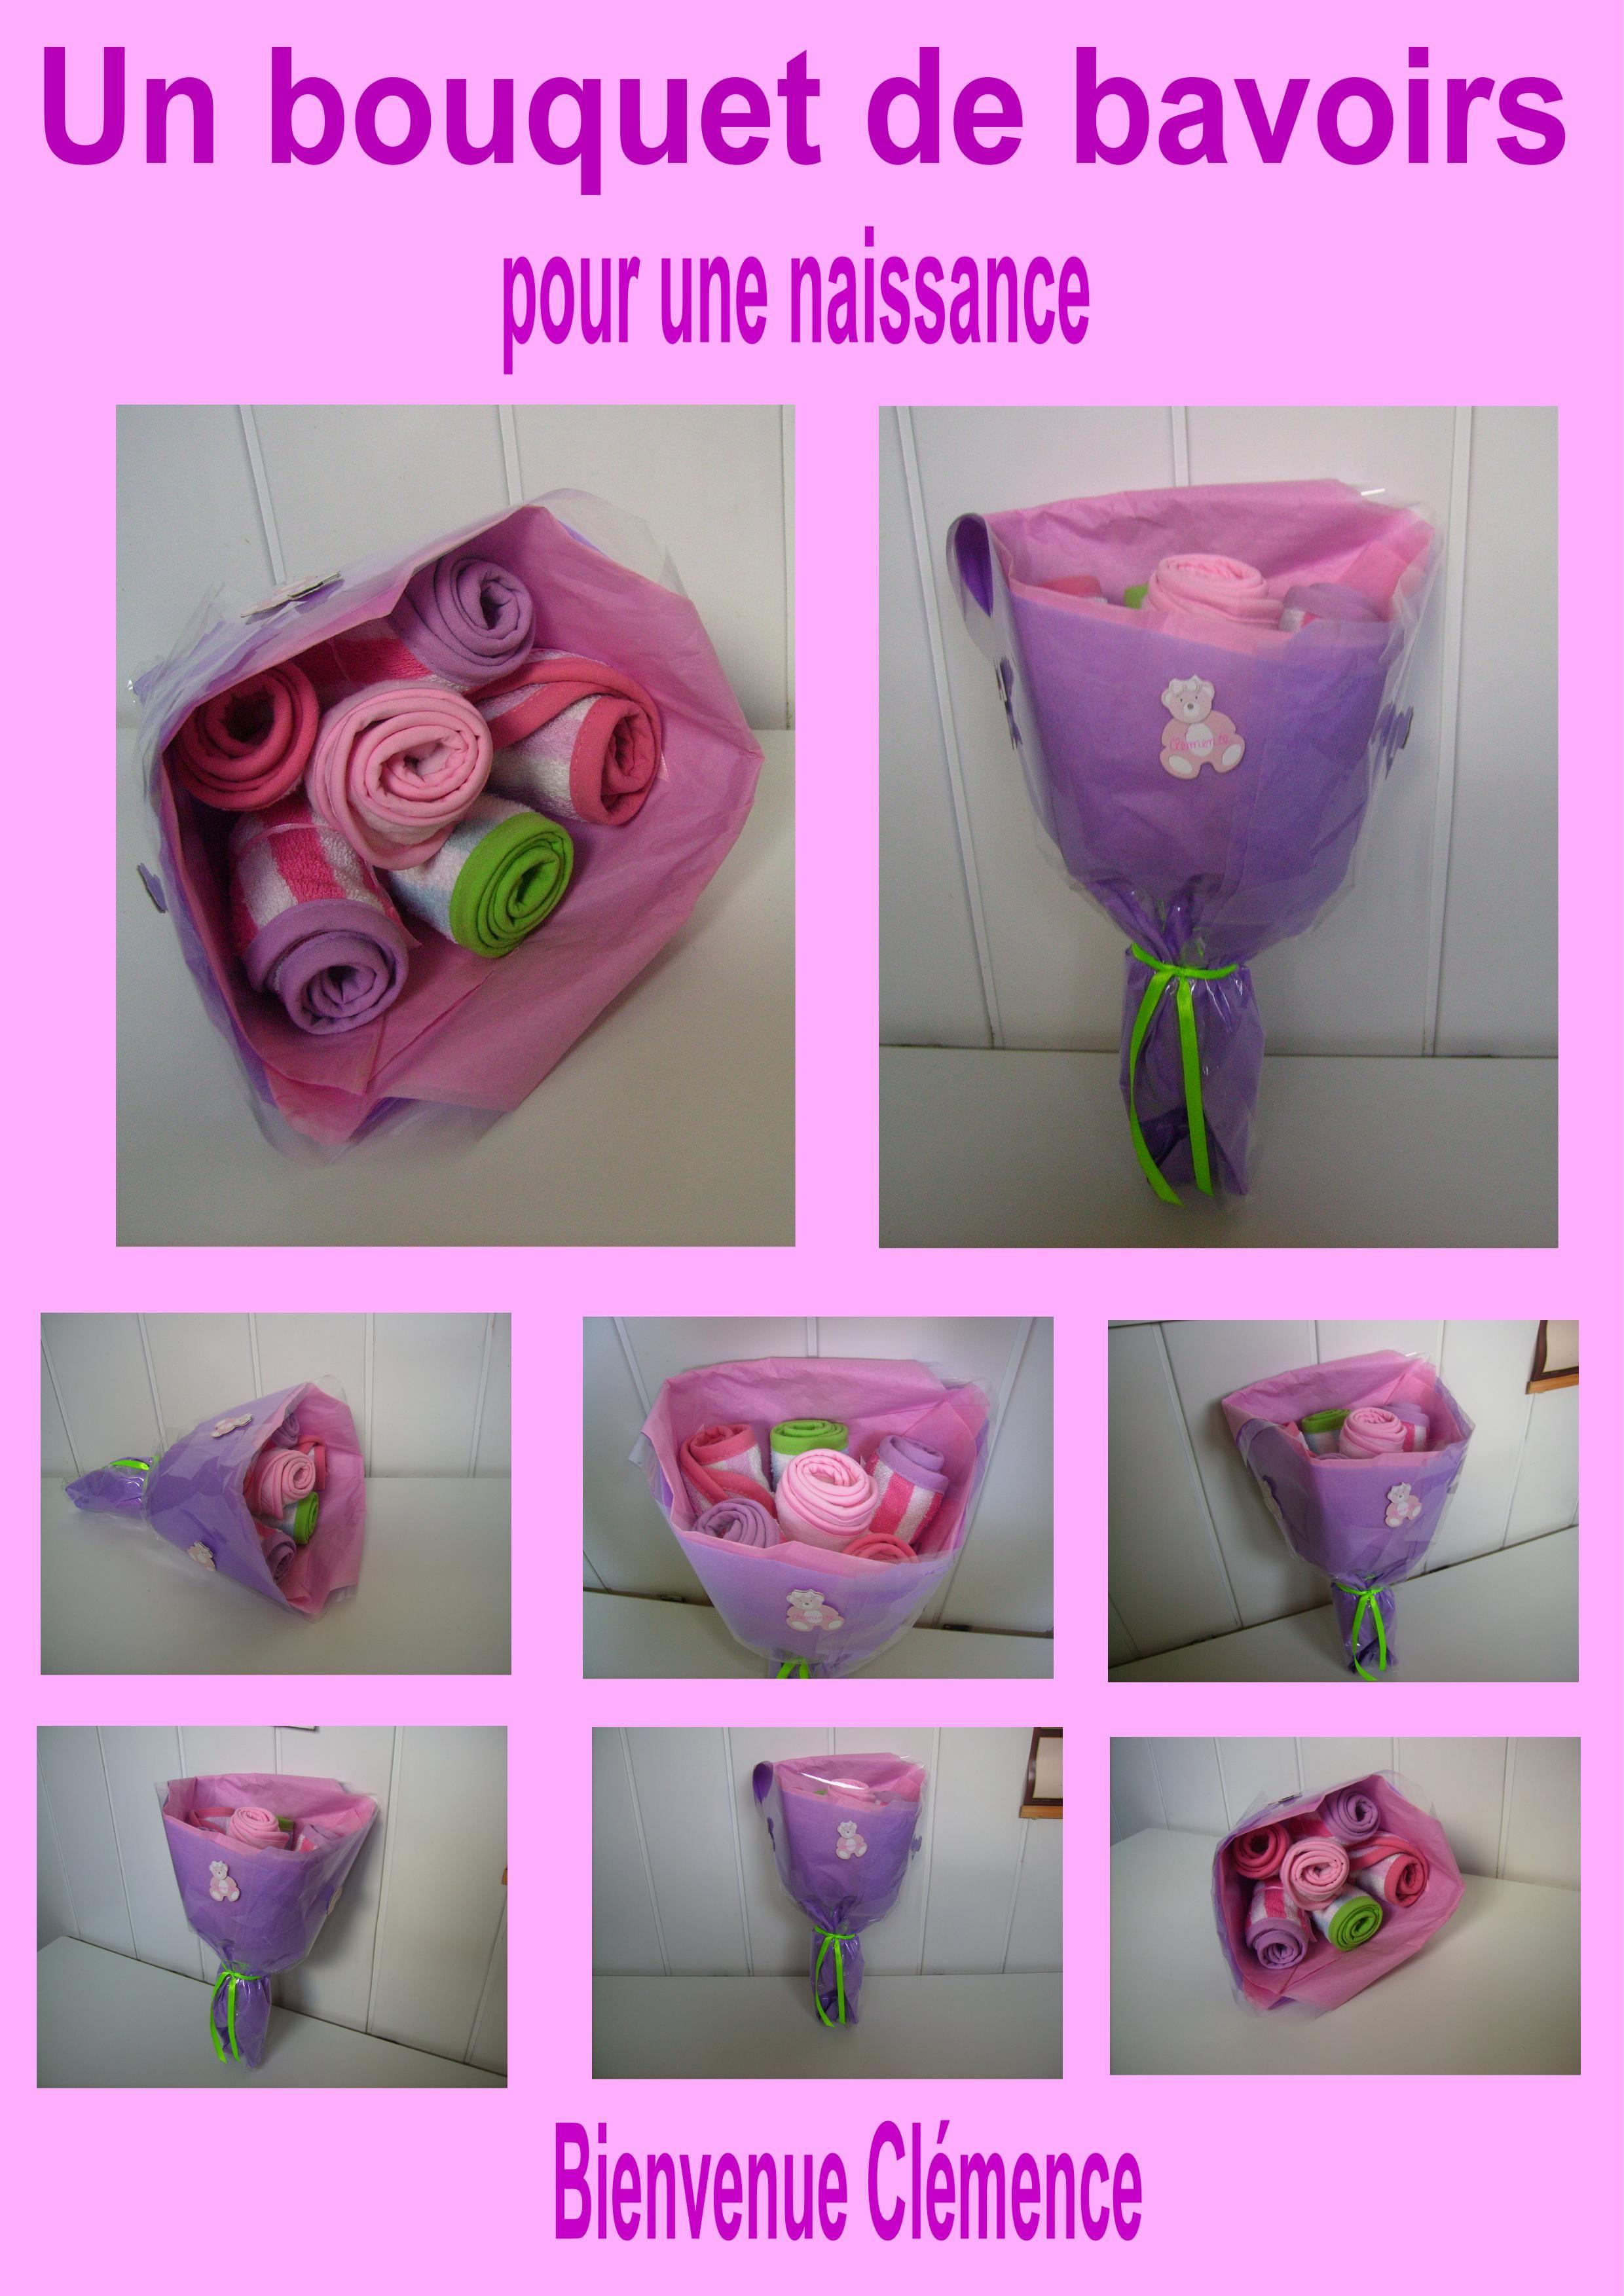 Un bouquet de bavoirs pour une naissance for Bouquet de fleurs pour une naissance